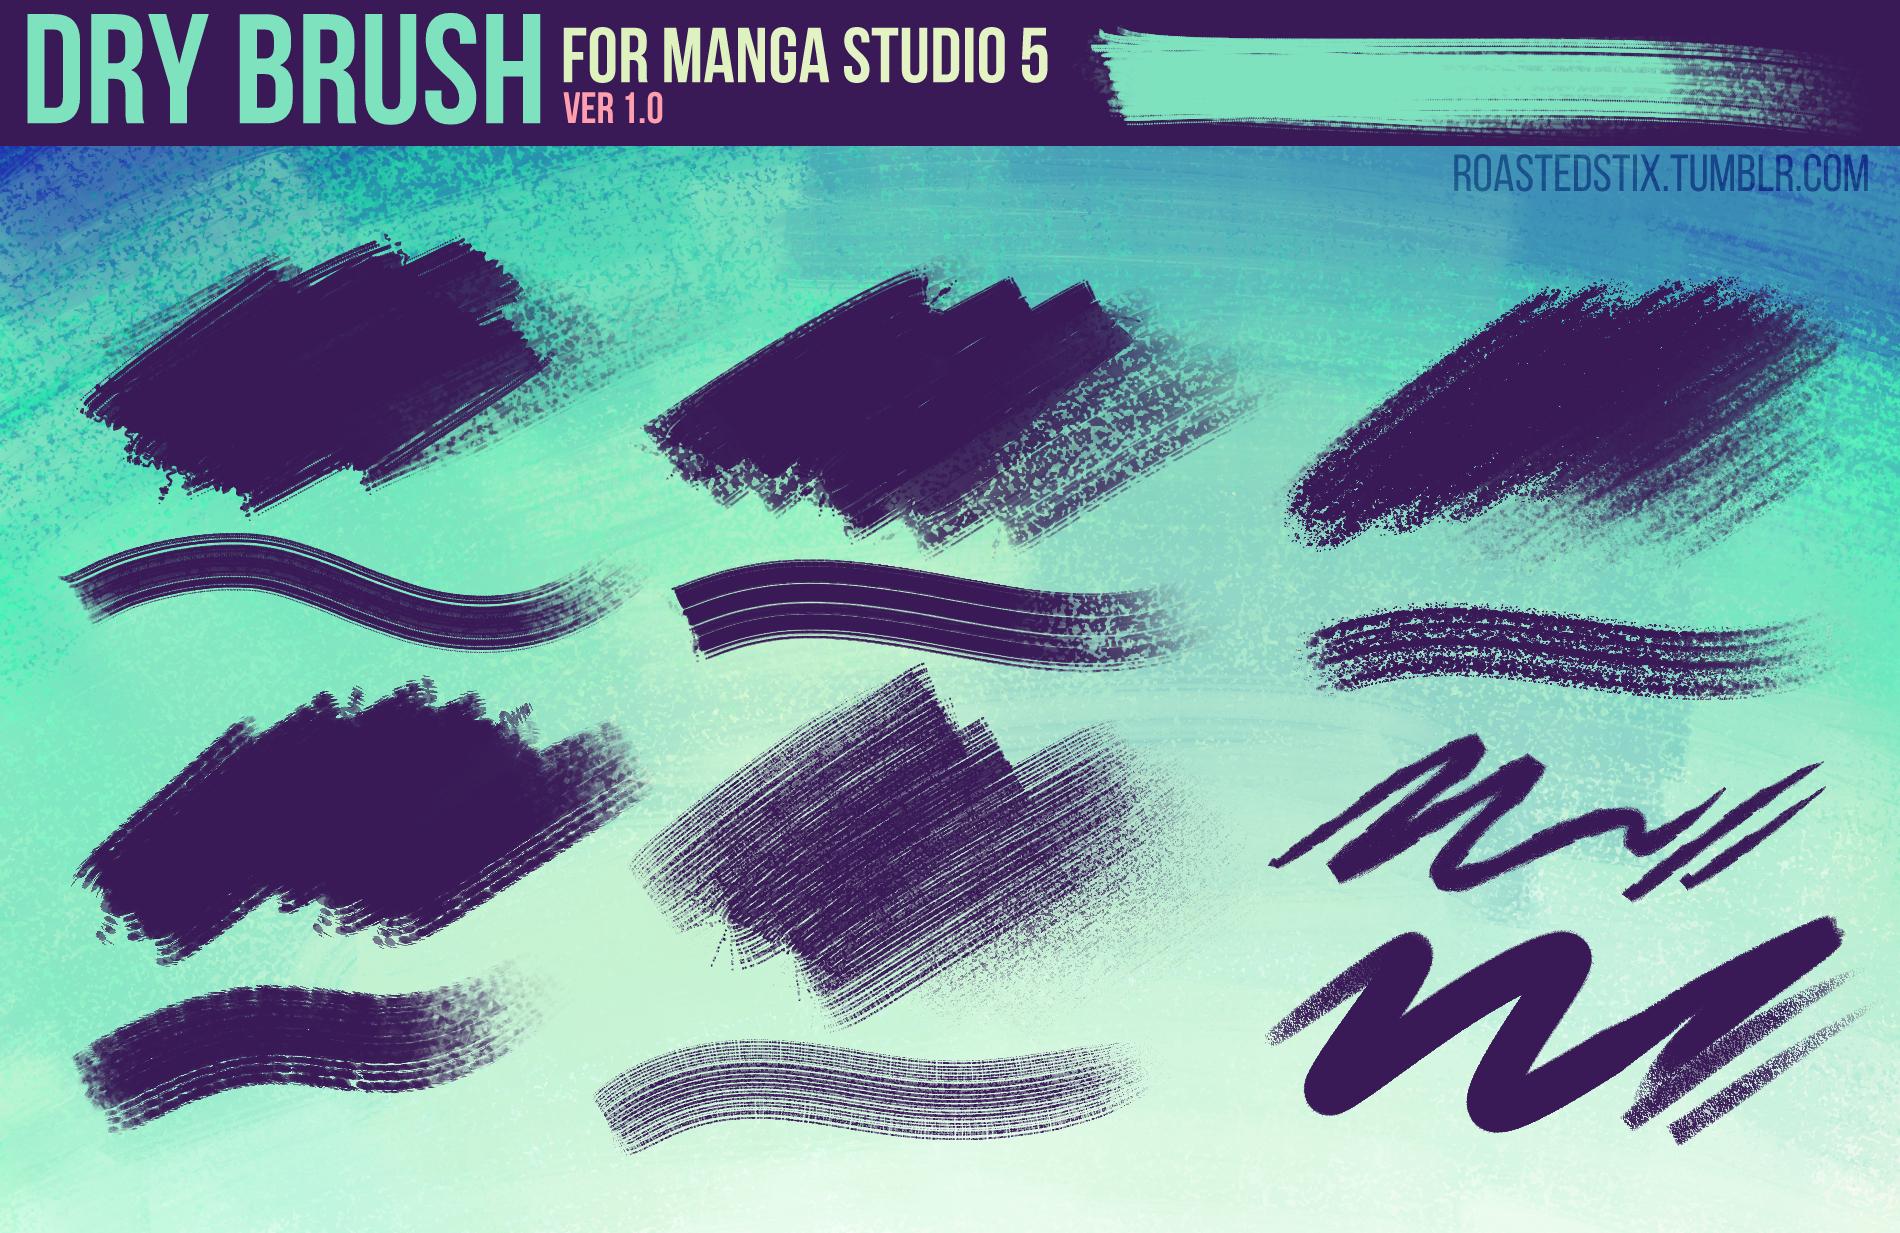 Dry Brush Pack for Manga Studio 5 (Ver. 1) by RoastedStix